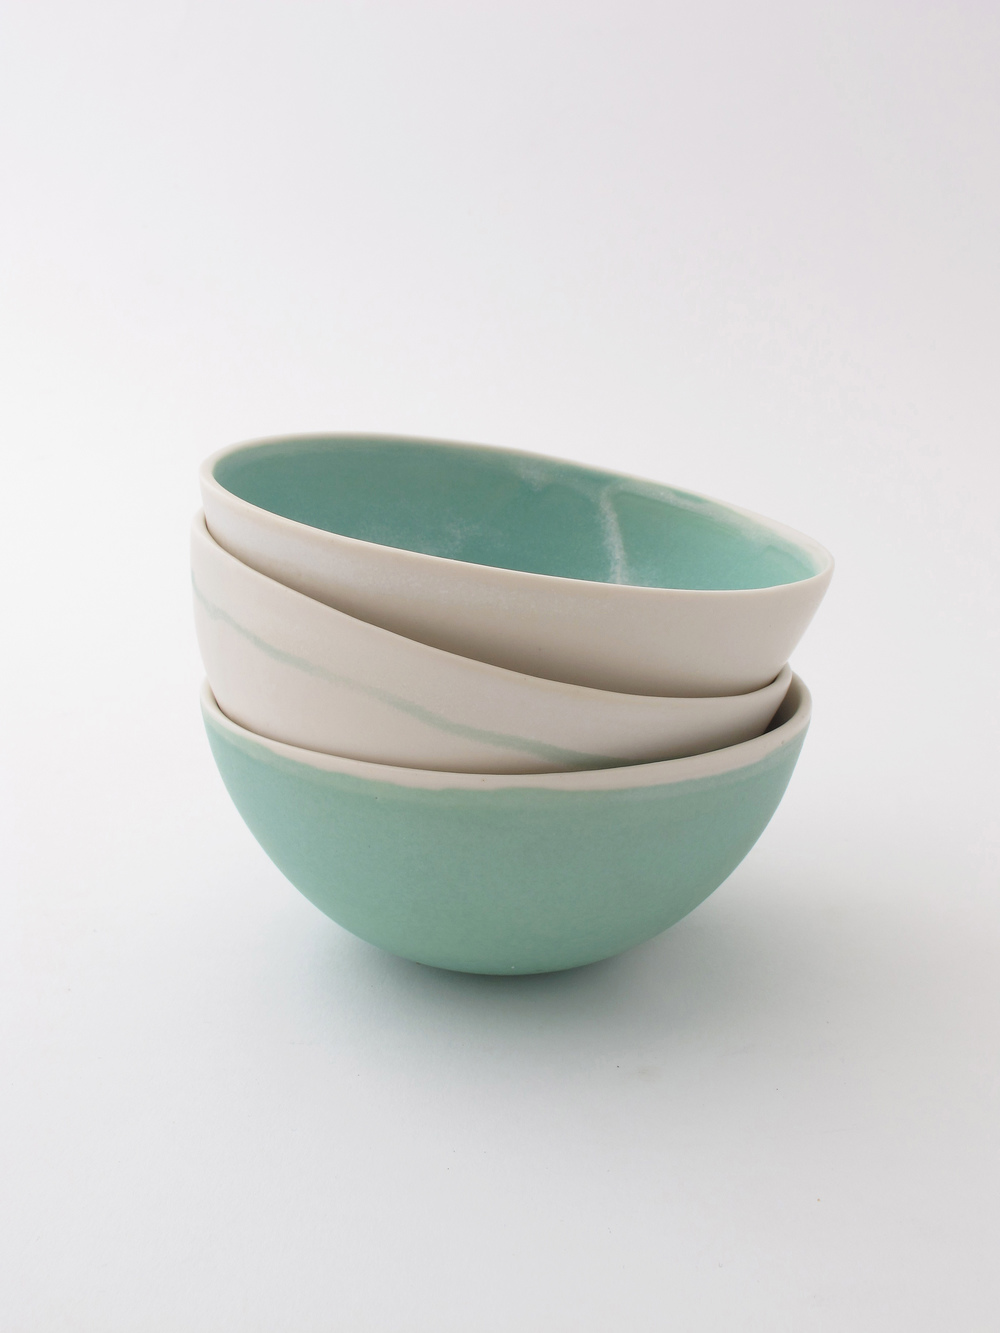 NEW: tiny sea salt bowls